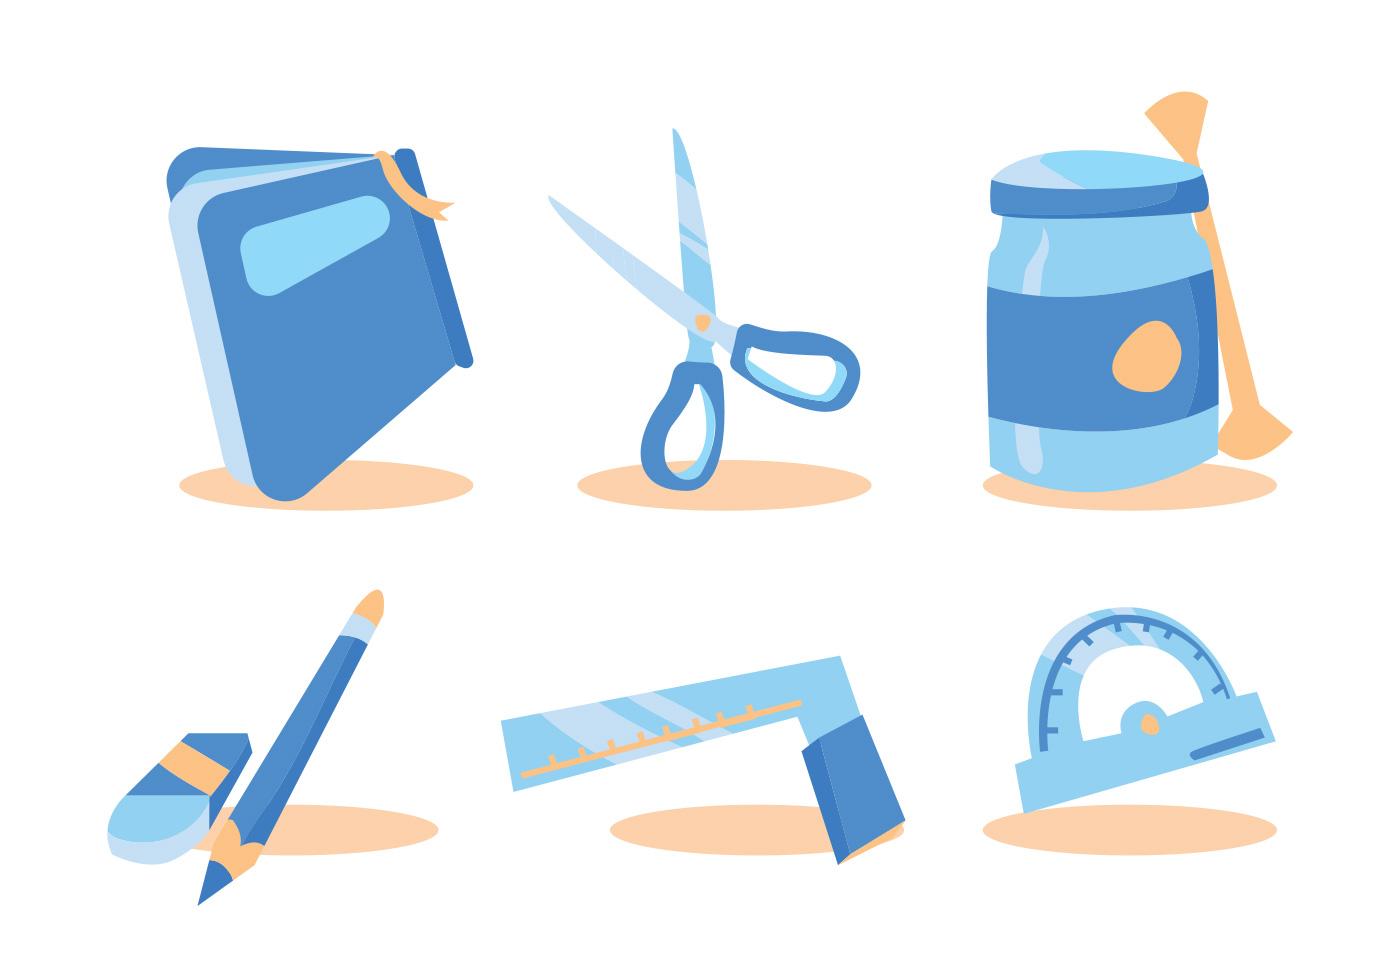 Die Cut Craft Vector Set Download Free Vector Art Stock